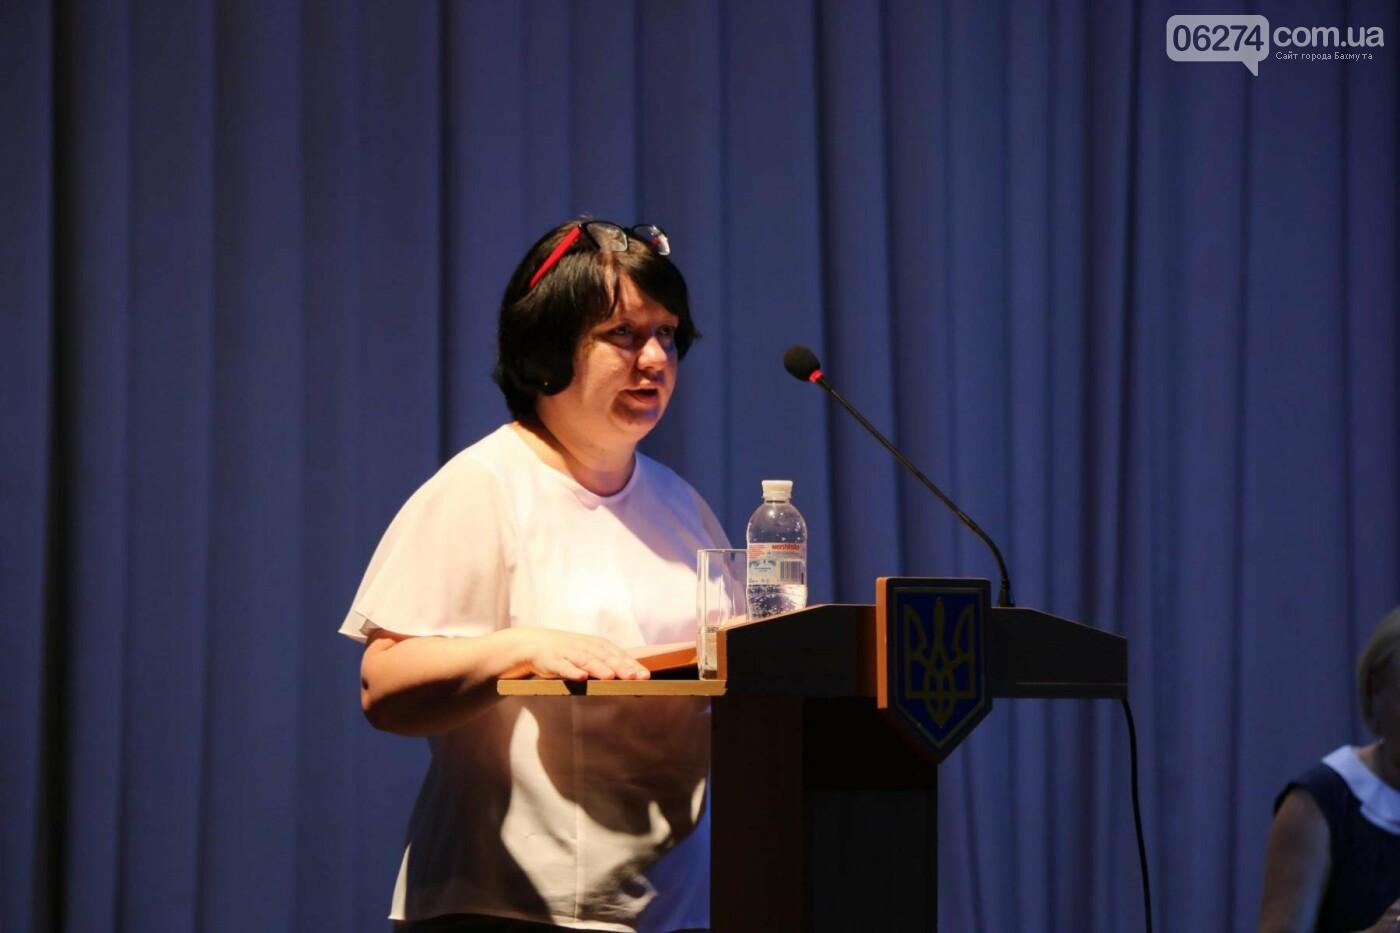 В Бахмуте состоялась августовская педагогическая конференция «Нова українська школа: освіта для життя», фото-21